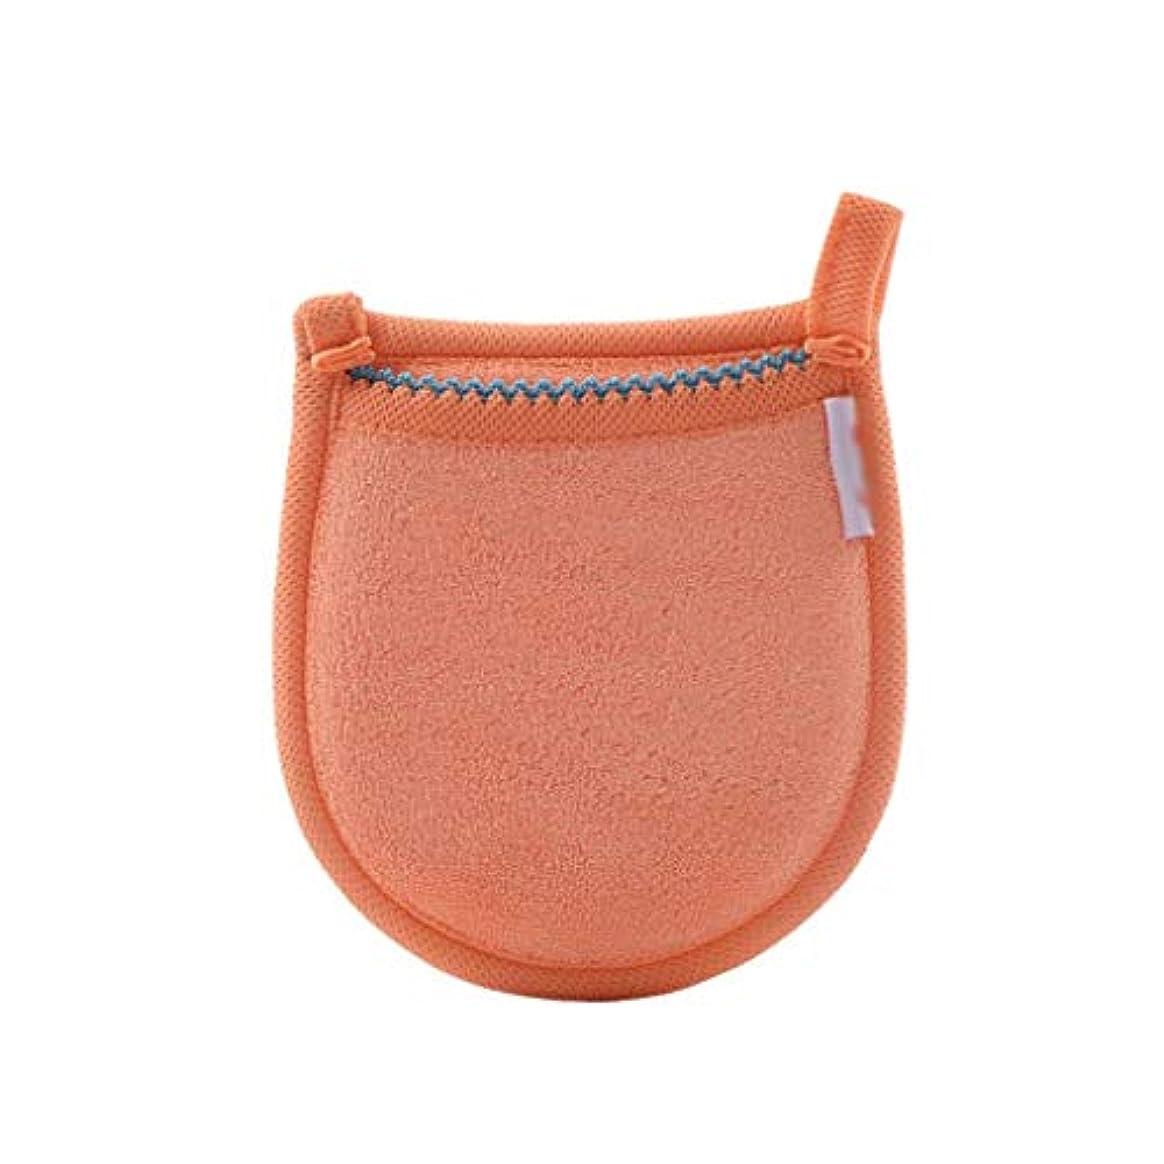 近々禁輸はっきりと1ピースフェイシャル竹炭スポンジフェイスメイク落とし美容再利用可能なフェイスタオルクリーニンググローブ洗濯メイクアップツール (Color : Orange)